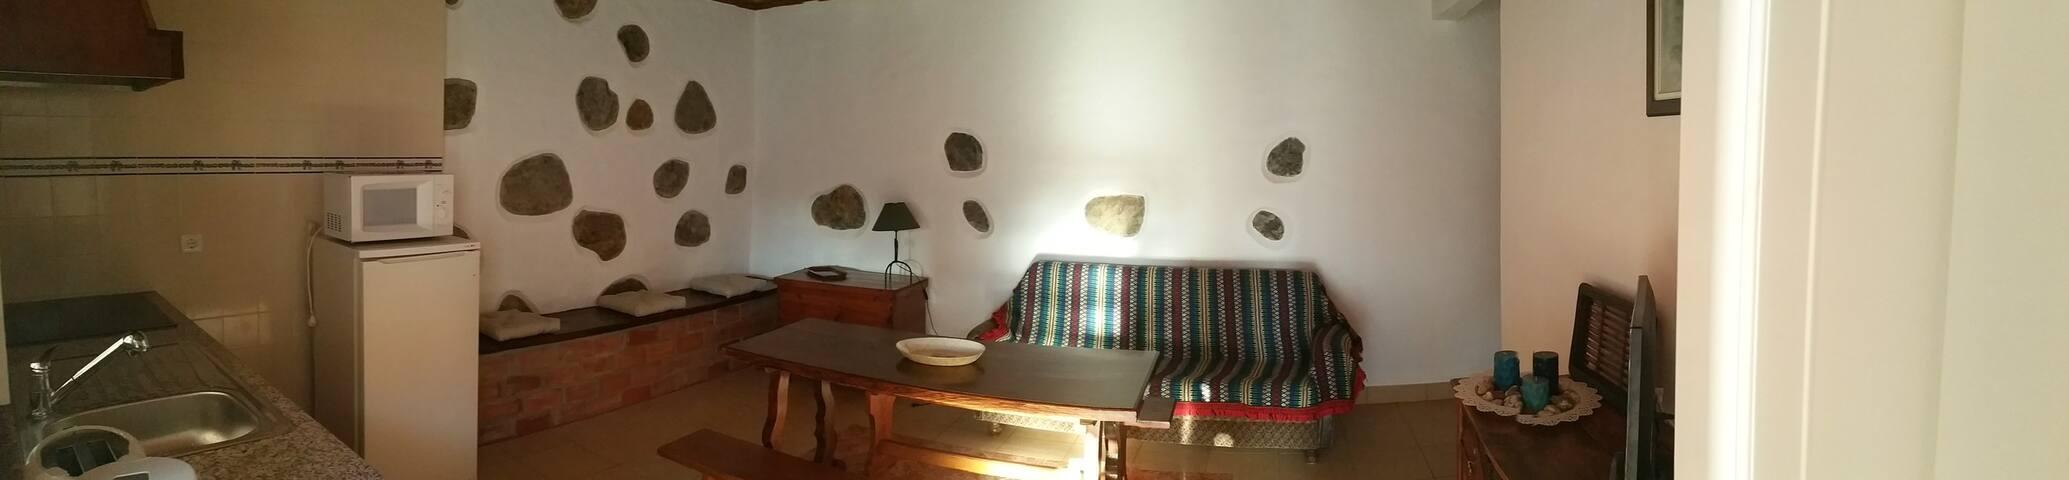 Casa das Batatas na Quinta da Fonte - Caldas da Rainha, Leiria - Casa de campo